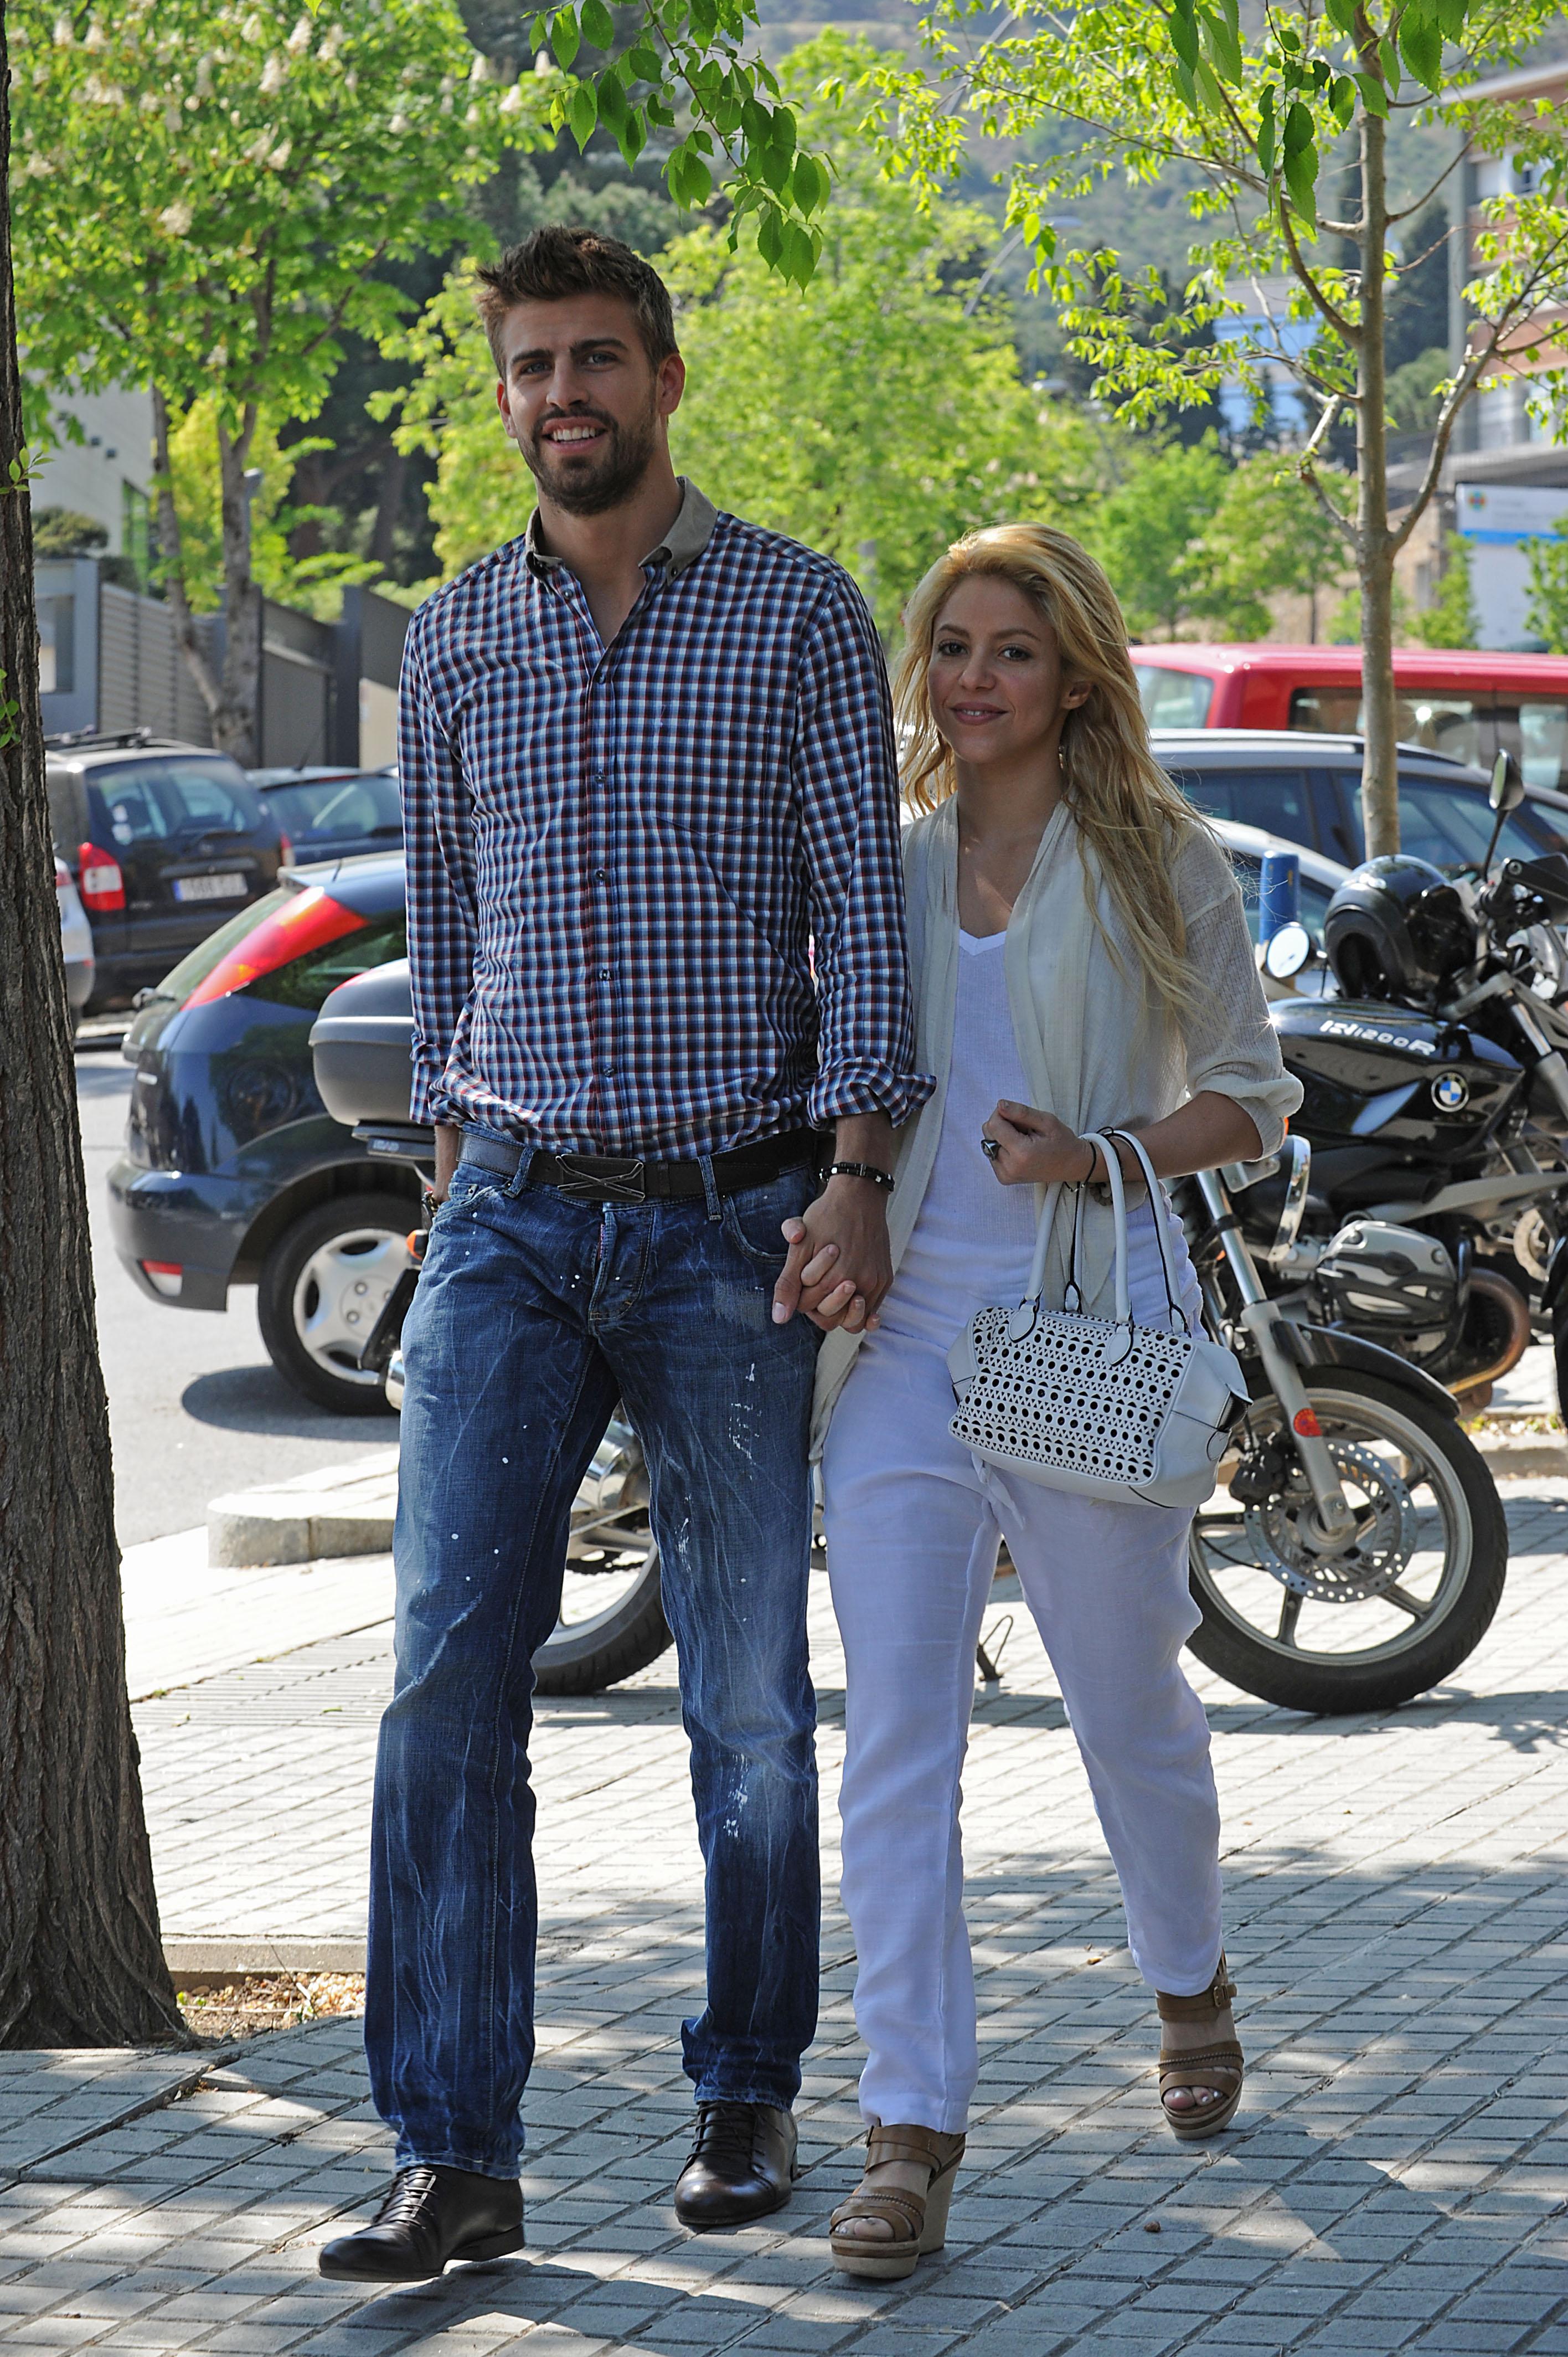 EL FUTBOLISTA GERARD PIQUE Y LA CANTANTE SHAKIRA PASEANDO POR LAS CALLES DE BARCELONA en la foto : cogidos de la mano 15/04/2011 BARCELONA